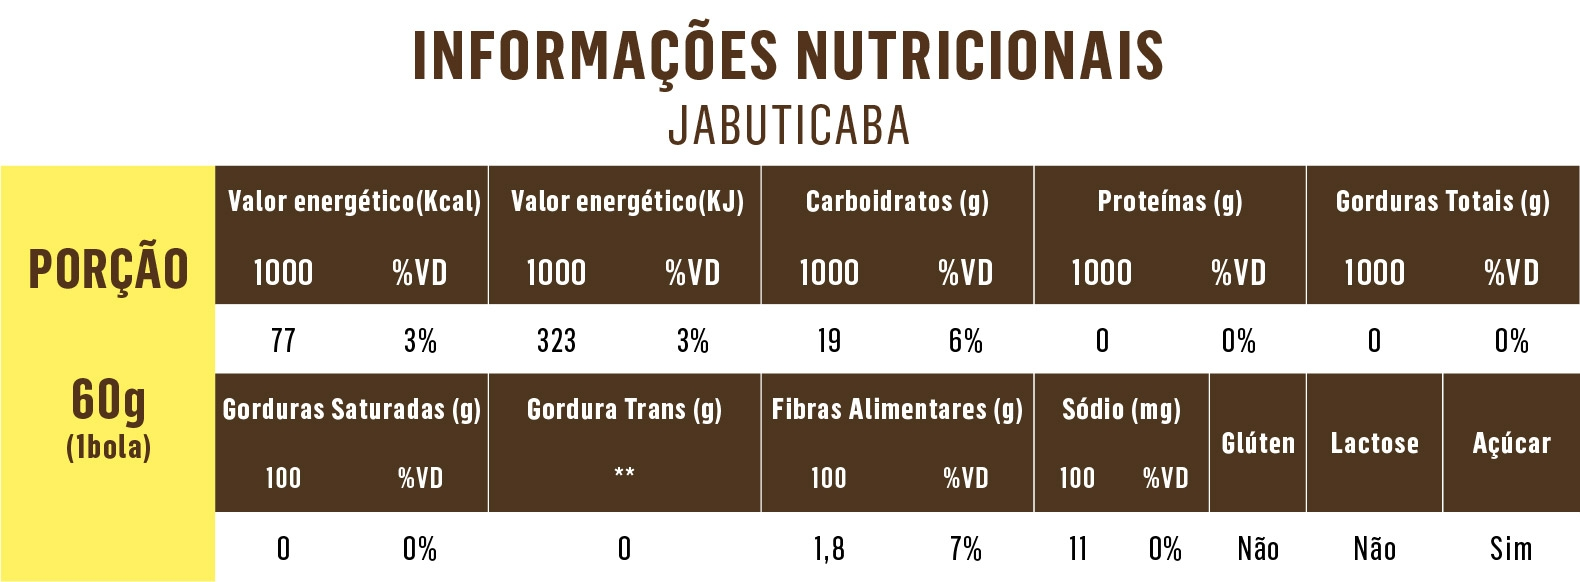 Tabela_Jabuticaba-01.jpg